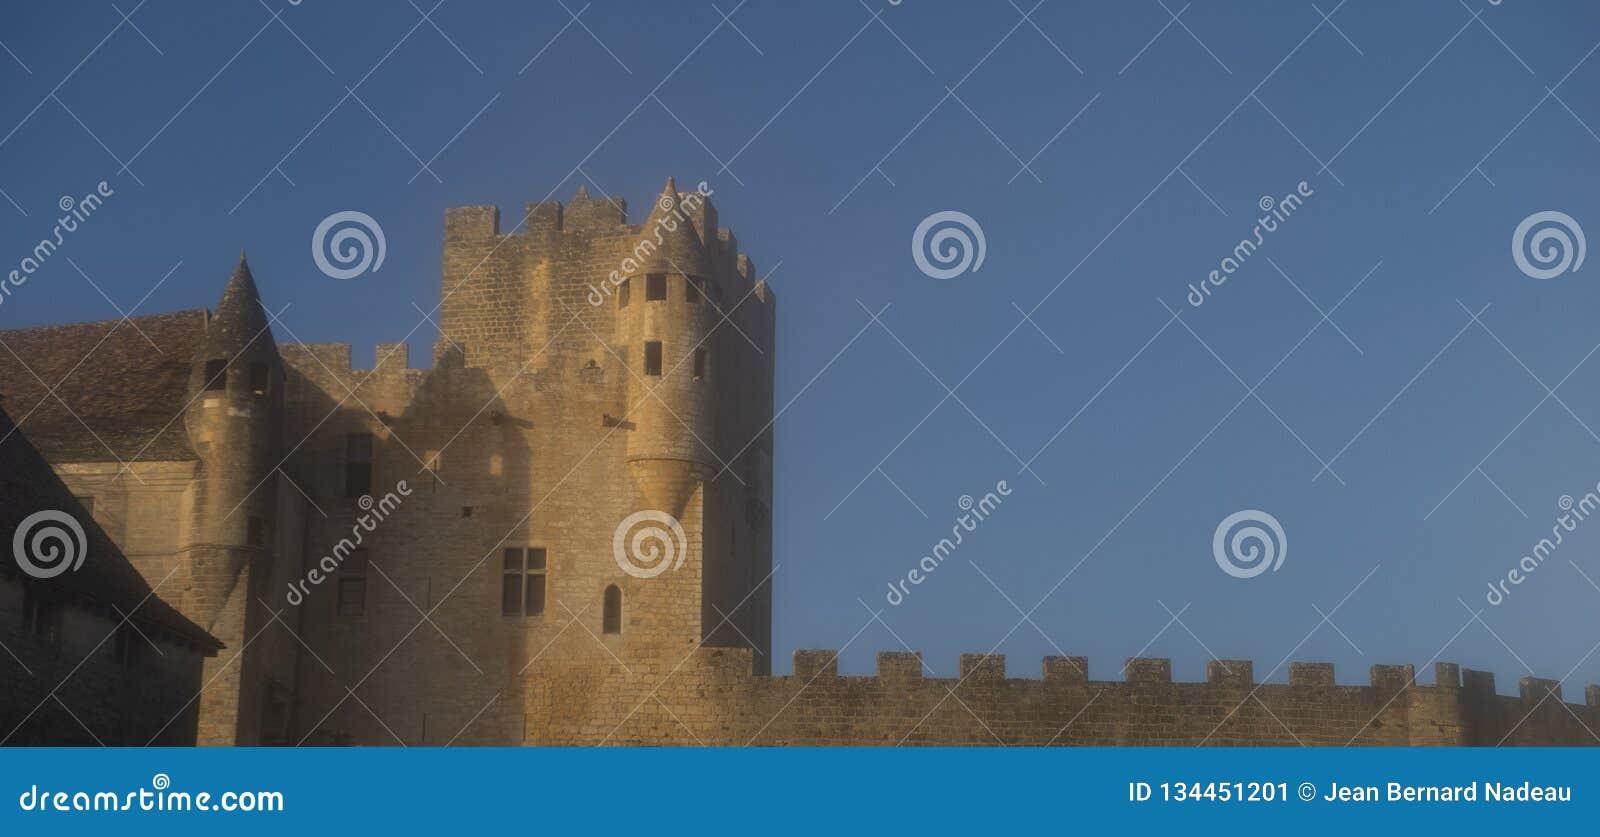 Arquitetura medieval do castelo impressionante de Castelo de Beynac